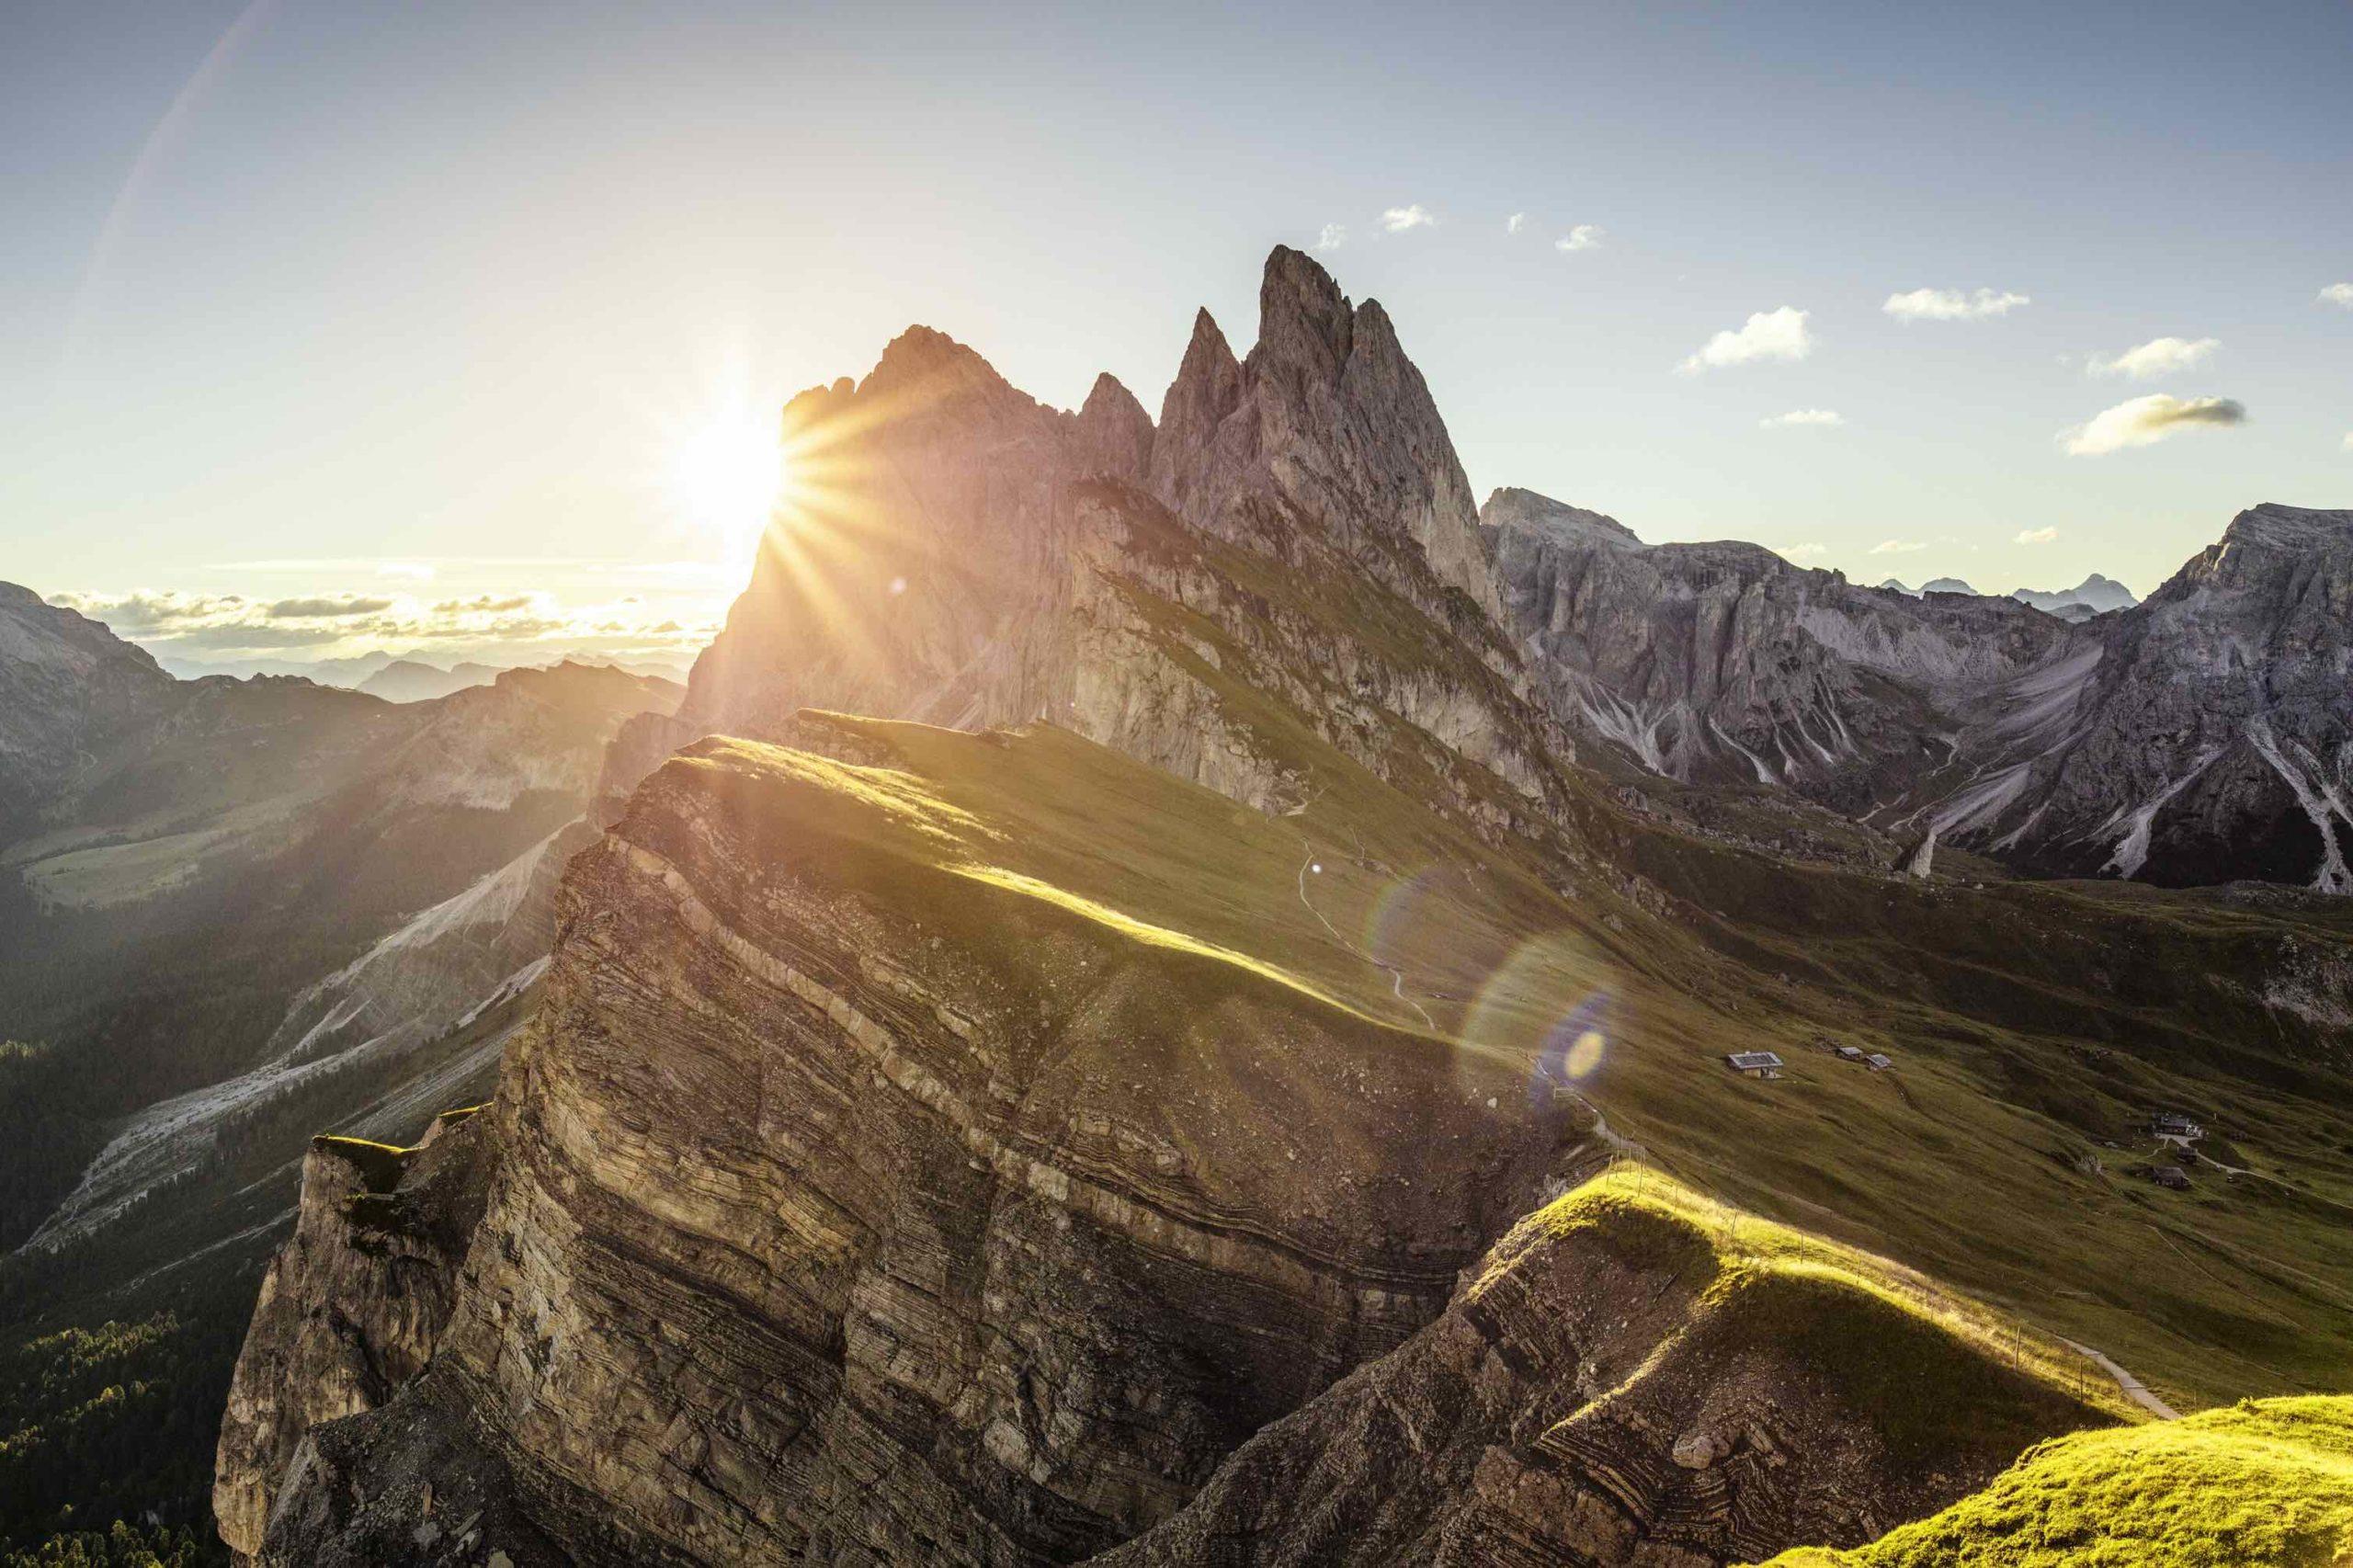 Ripartenza in Alto Adige: tutte le regole del settore turistico